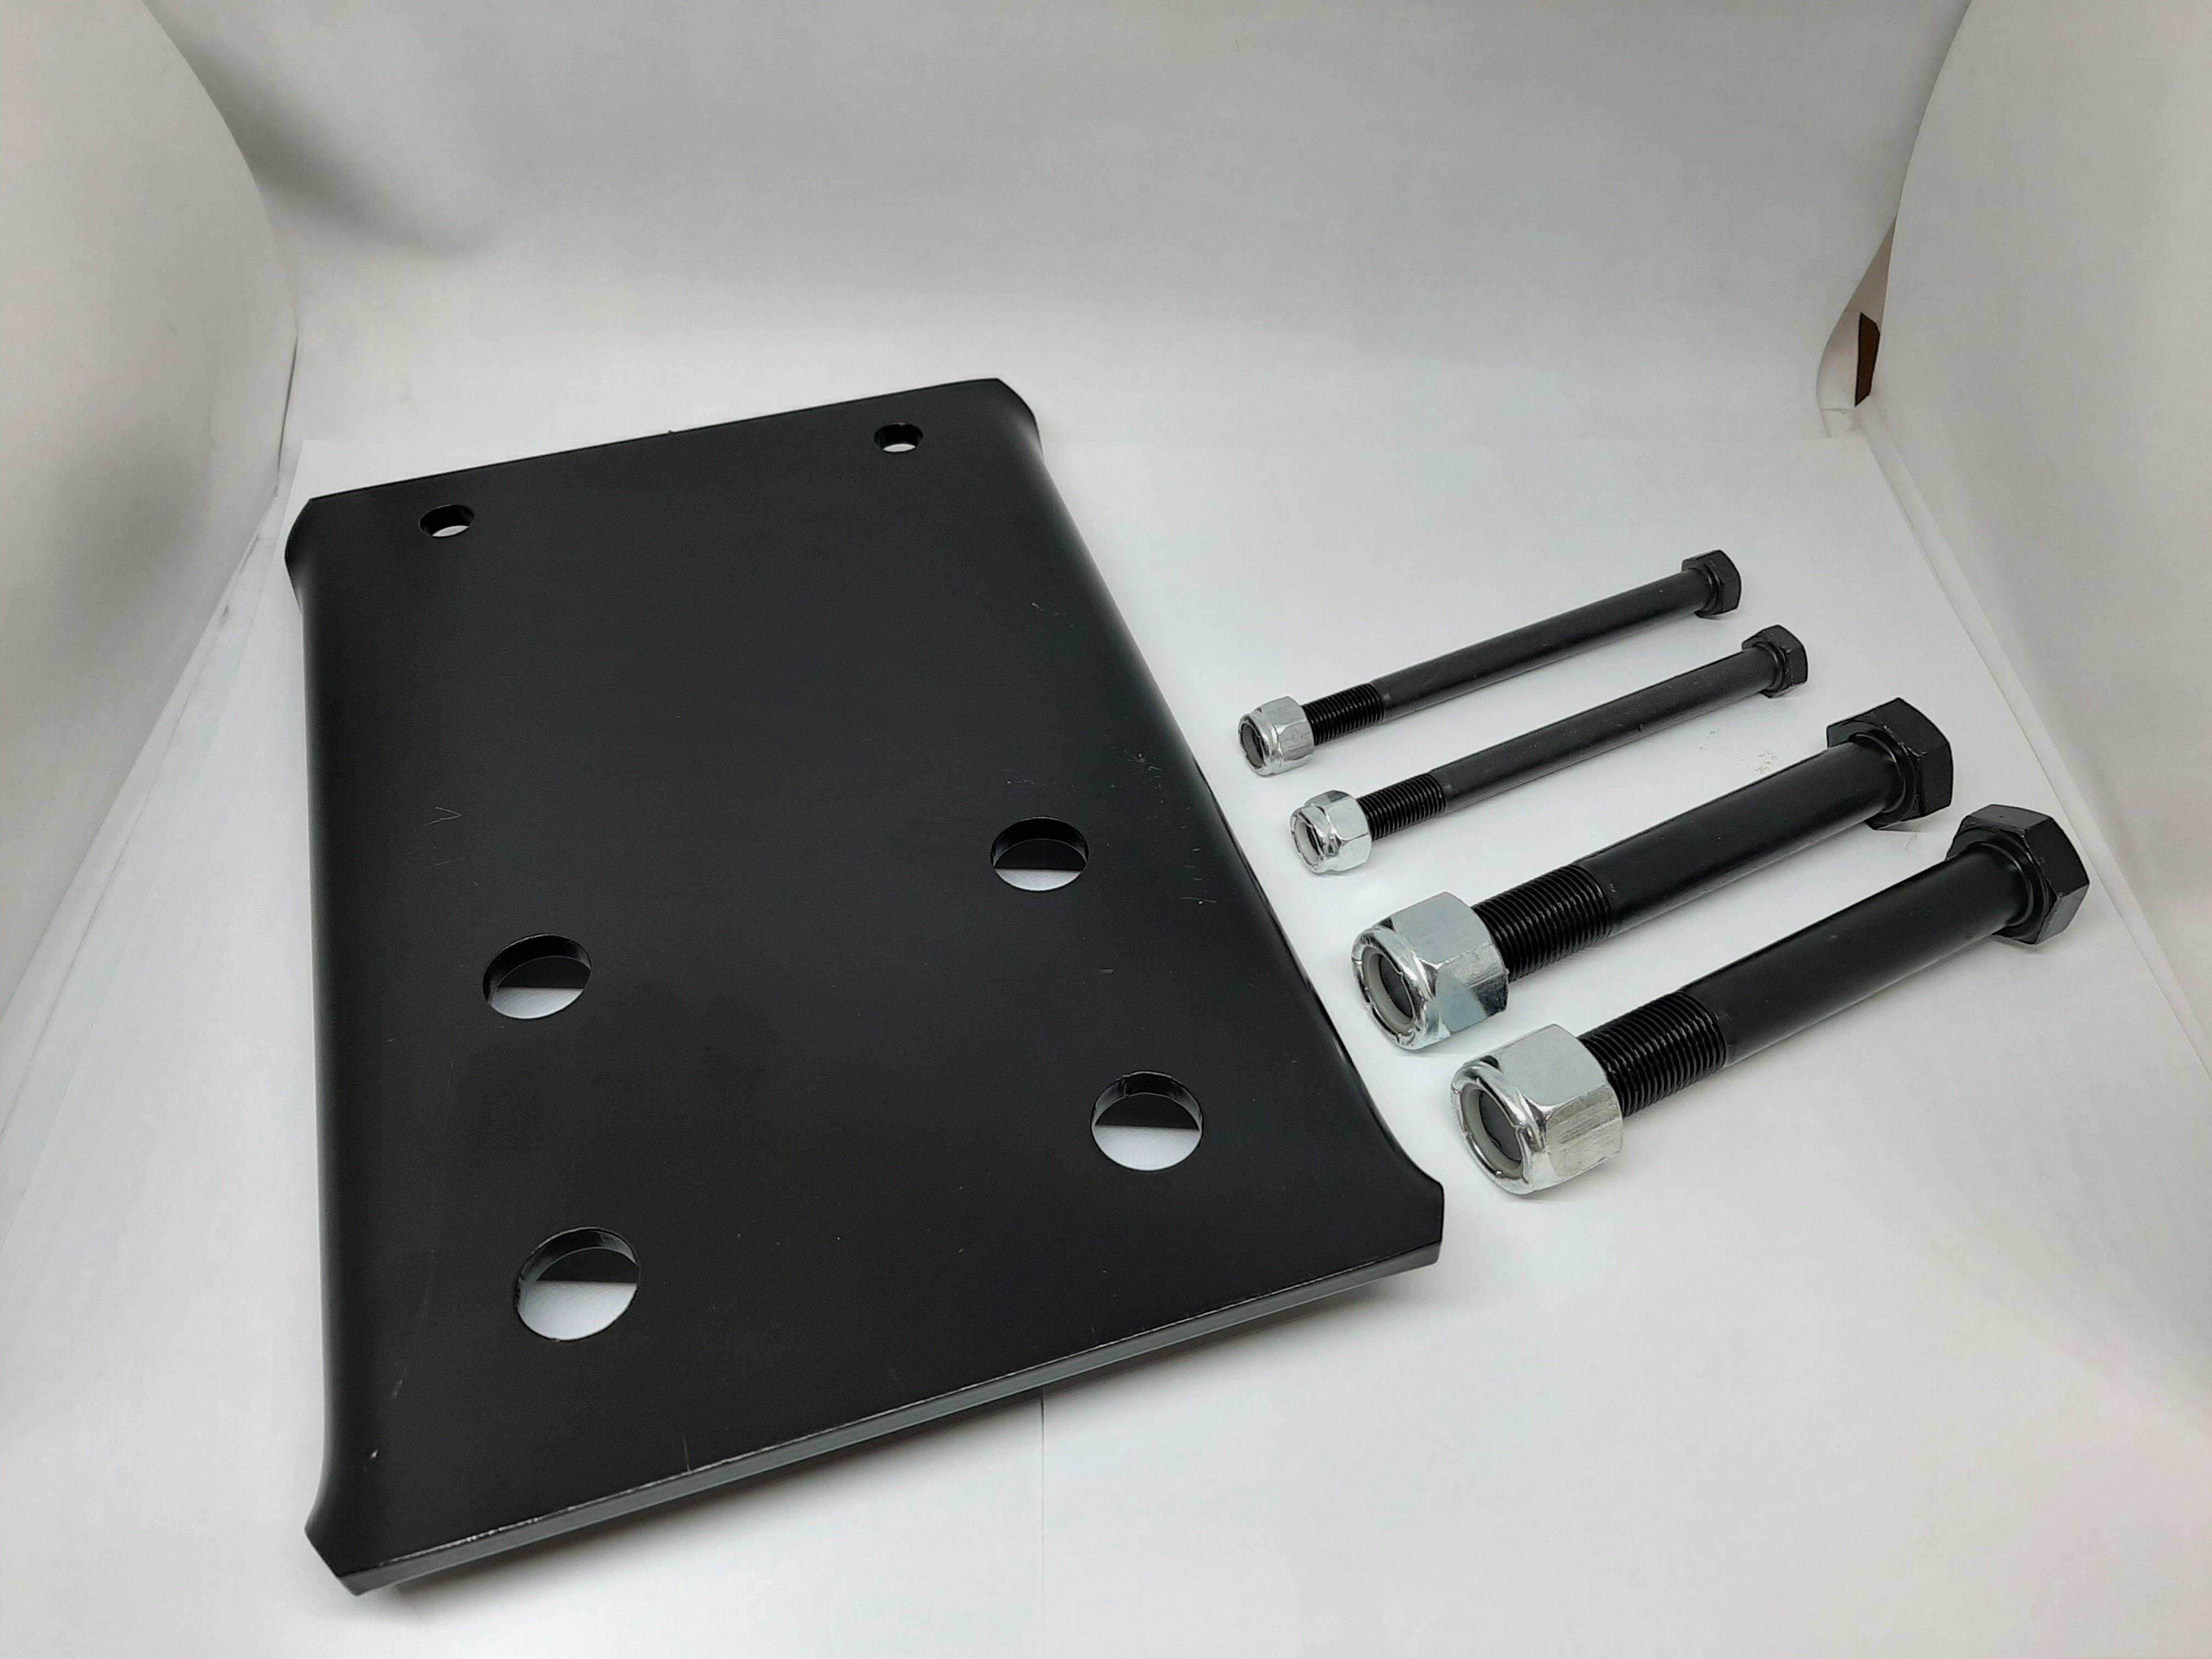 Standard dropplate kit